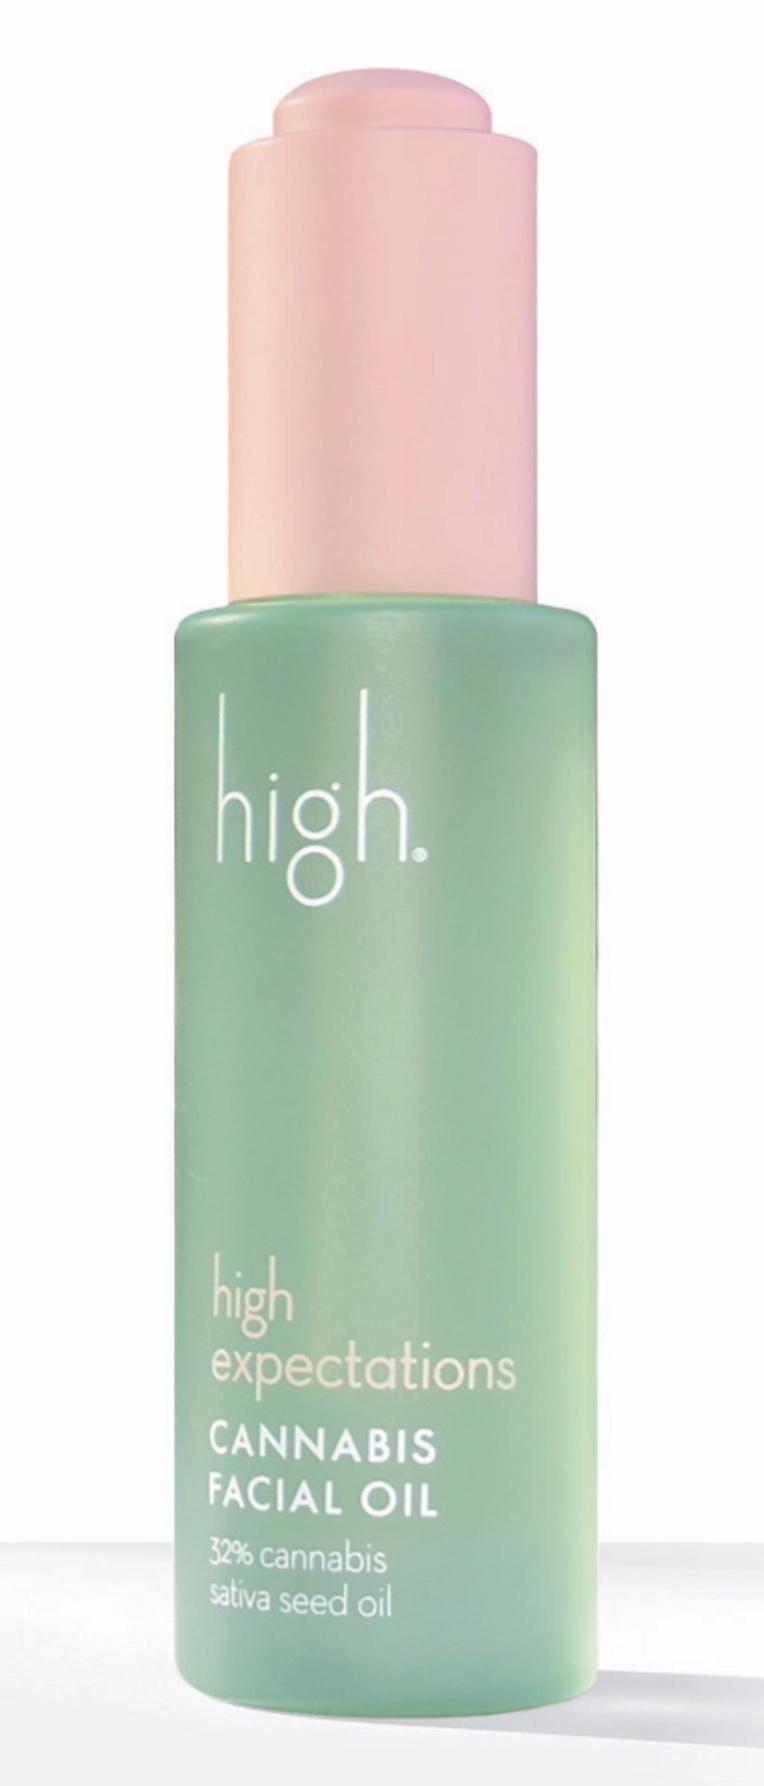 High Beauty High Expectations Cannabis Facial Seed Oil